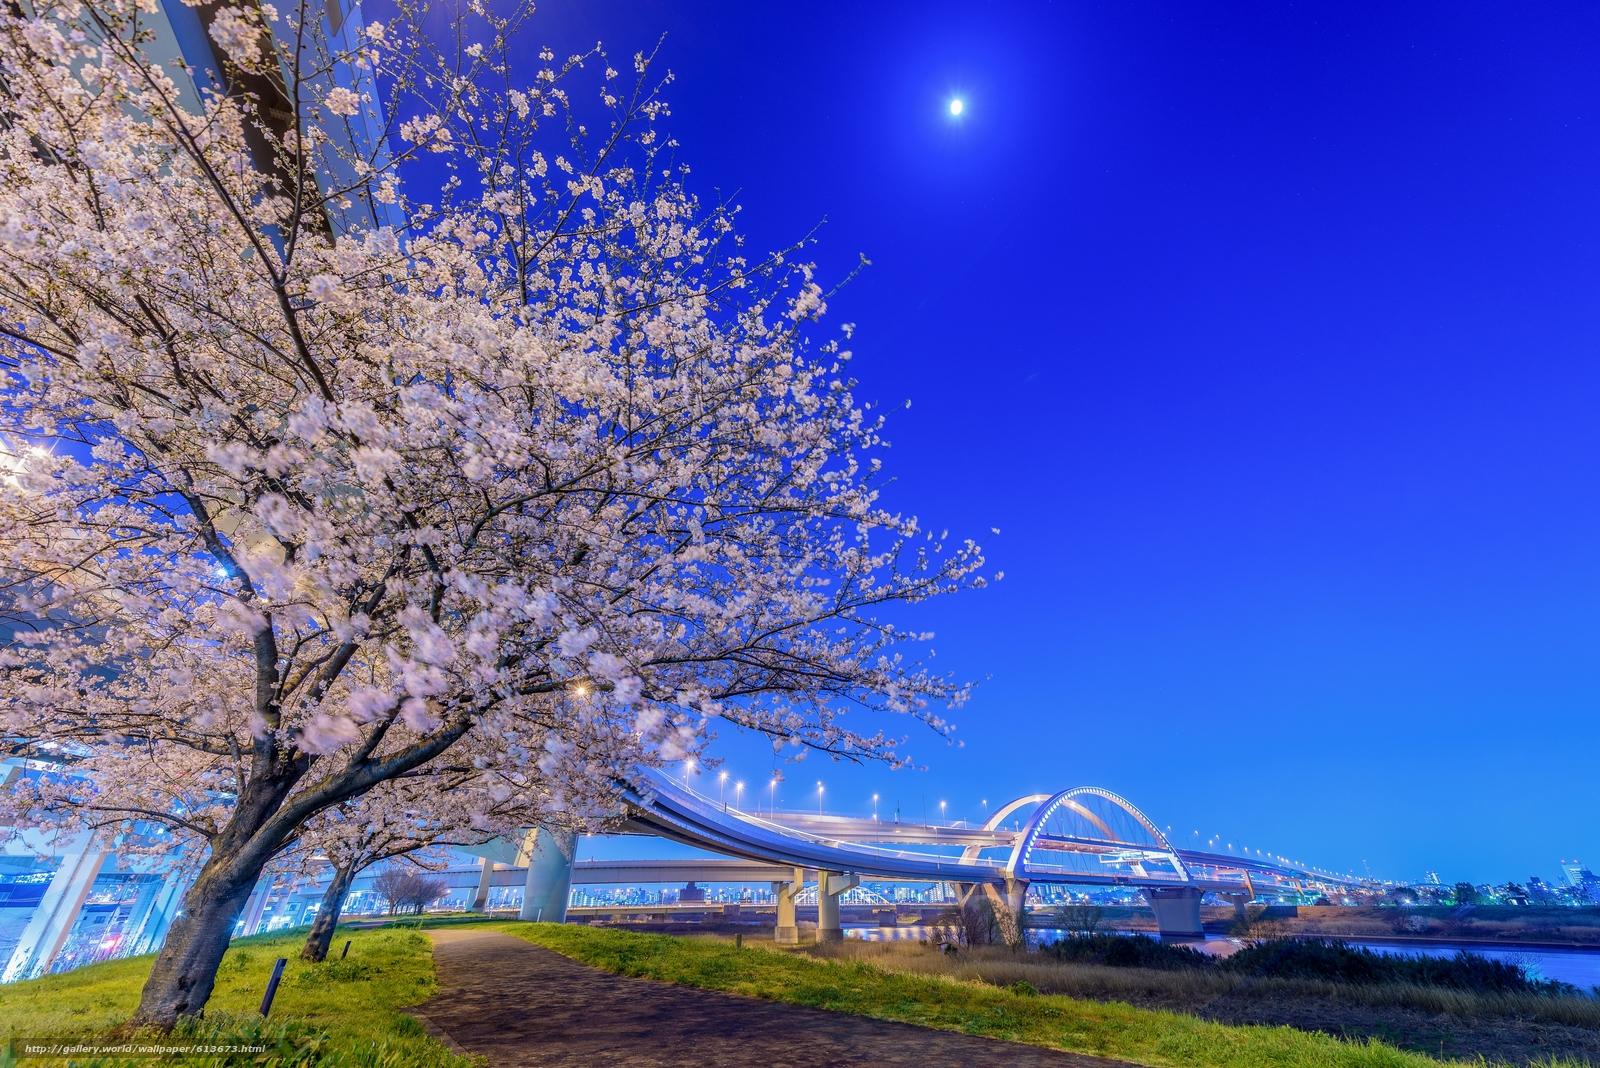 Скачать обои Adachi,  Tokyo,  Japan,  Arakawa River бесплатно для рабочего стола в разрешении 4000x2670 — картинка №613673